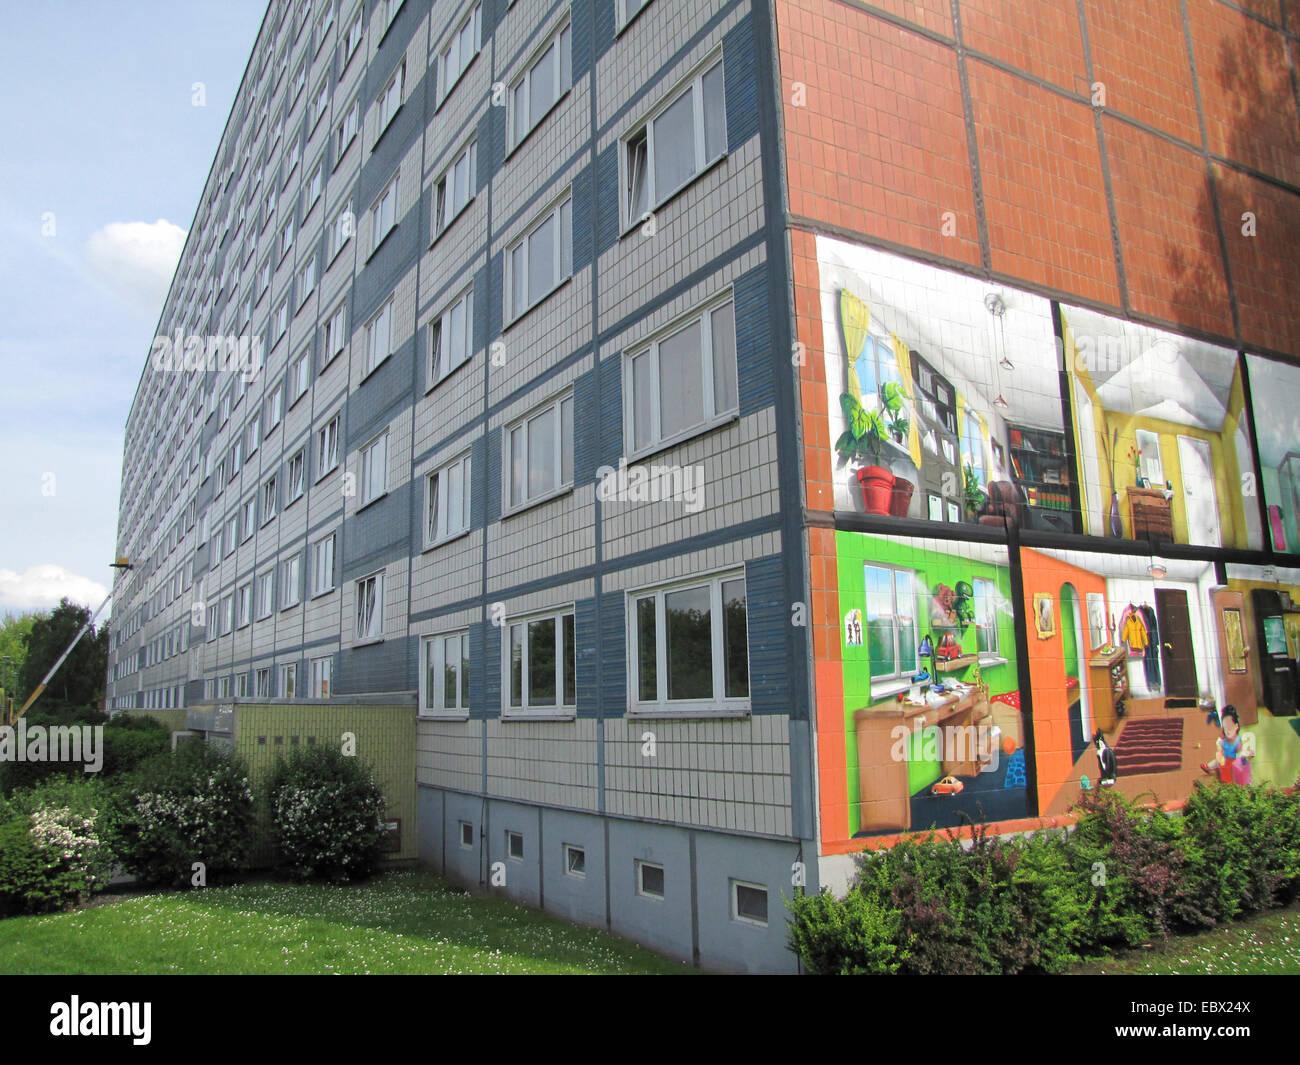 housing Estate in der ehemaligen DDR, sozialistischen Gebäude, Gemälde auf der Seitenwand des Gebäudes, Stockbild